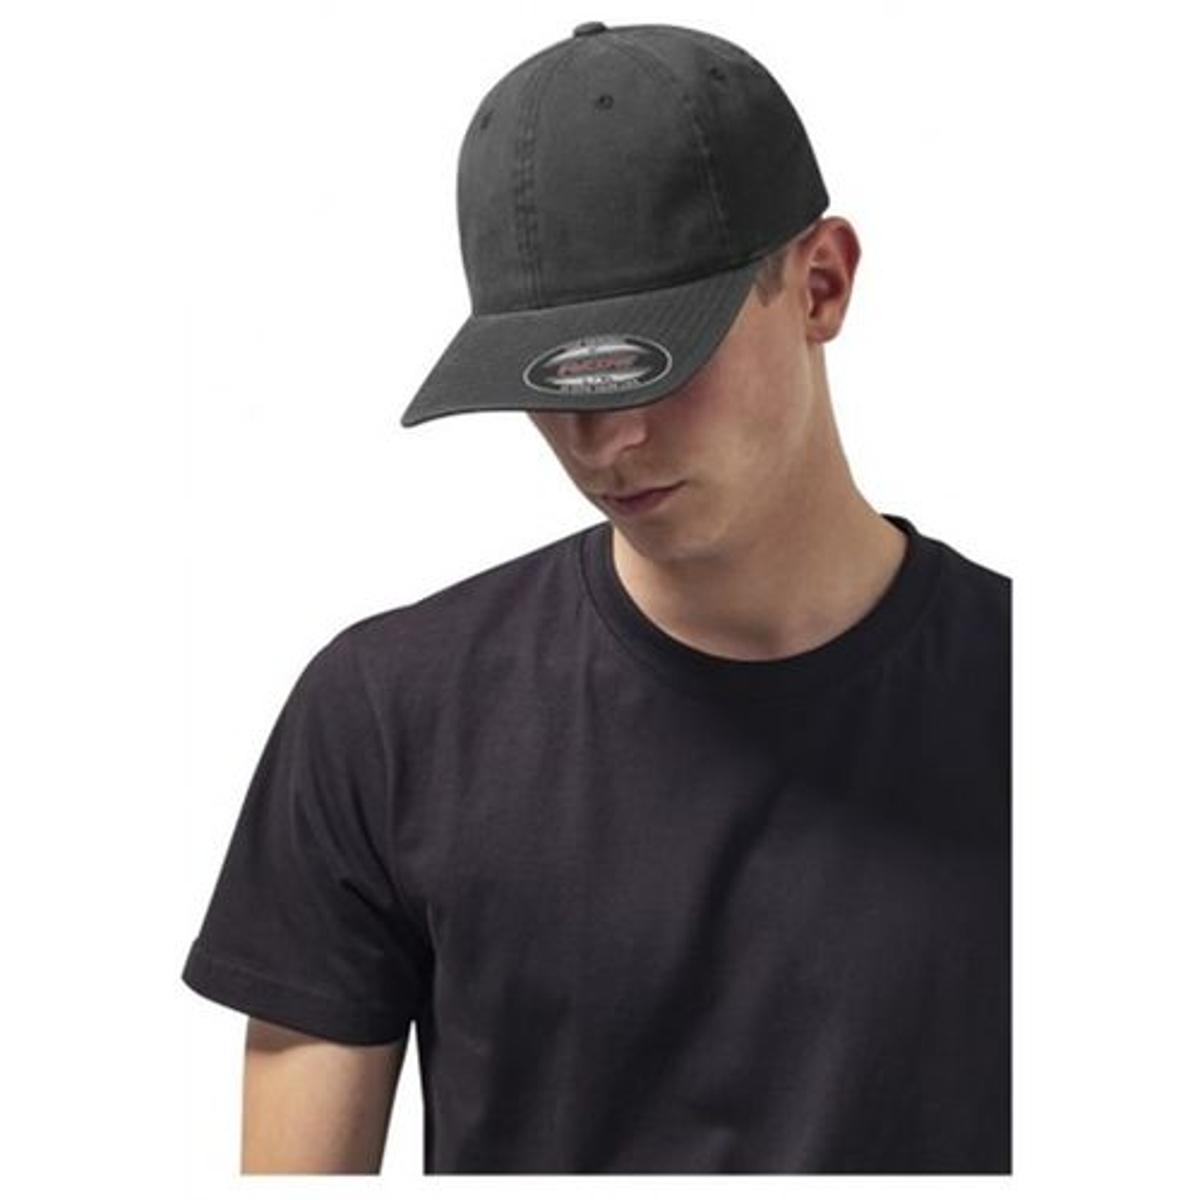 Casquette Incurvée Flexfit Noir Dad Hat Garment Washed